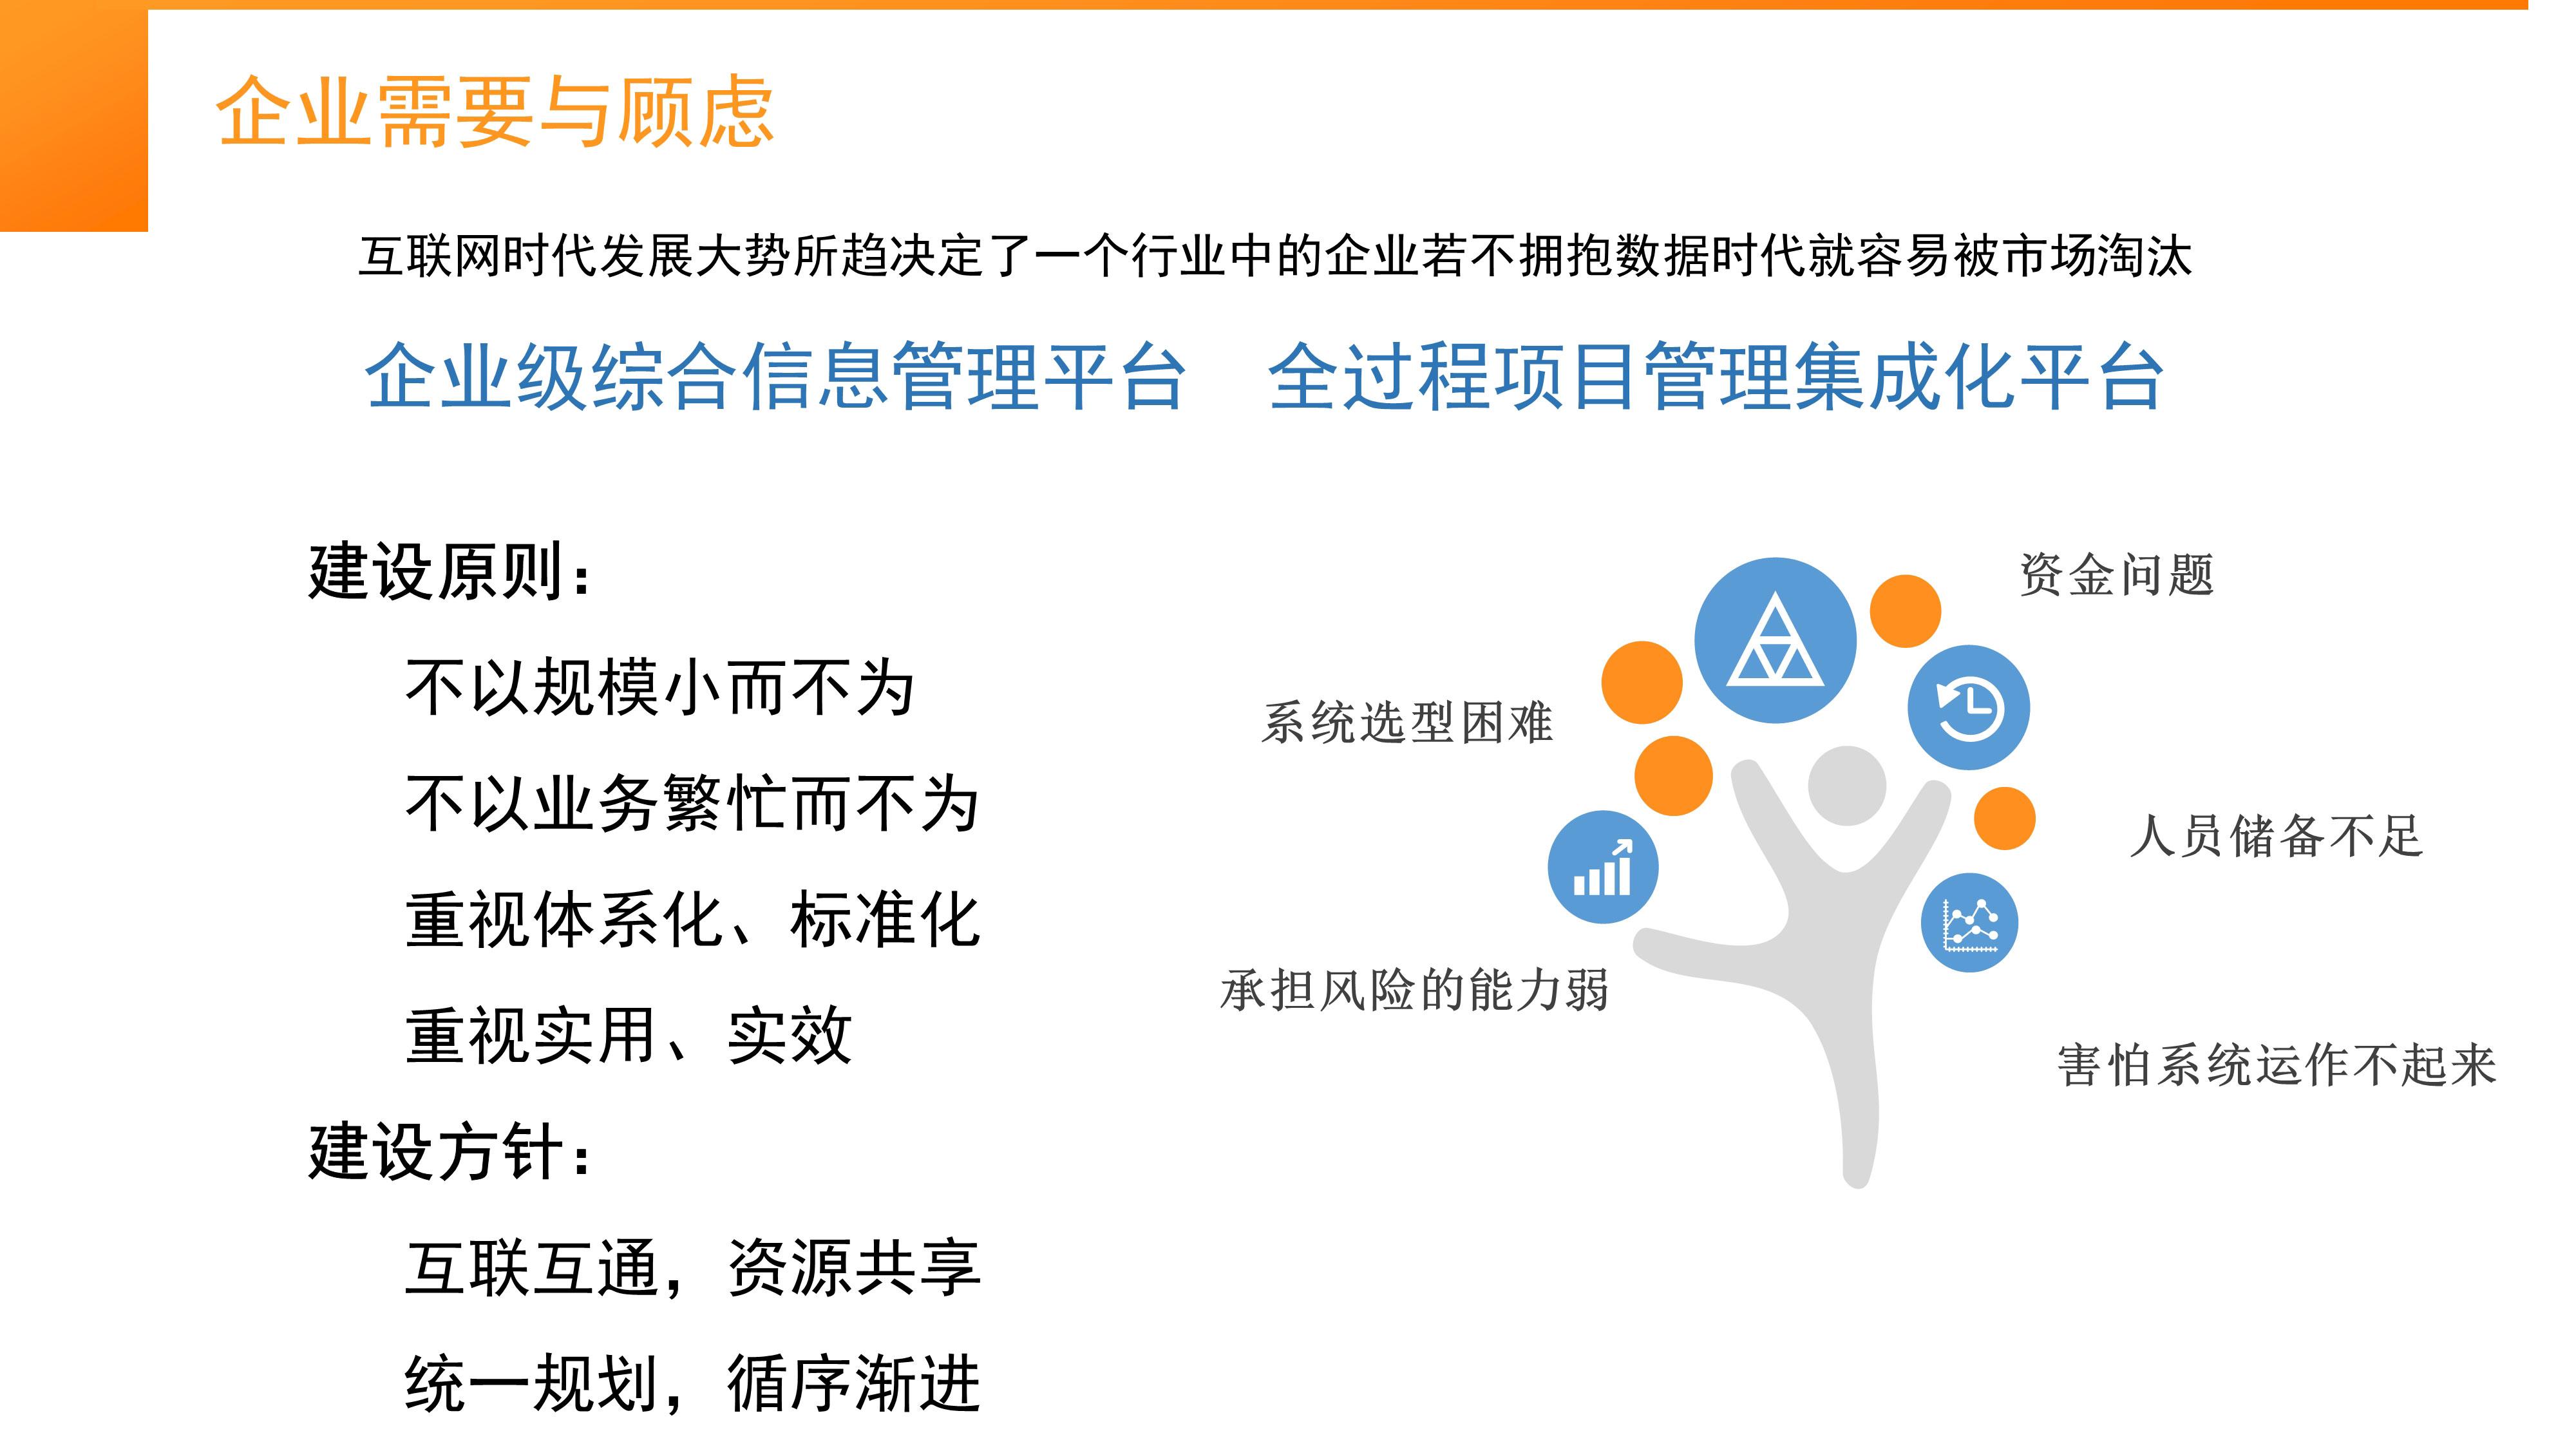 013011343503_0信天使综合信息管理系统旗舰版_2.jpg